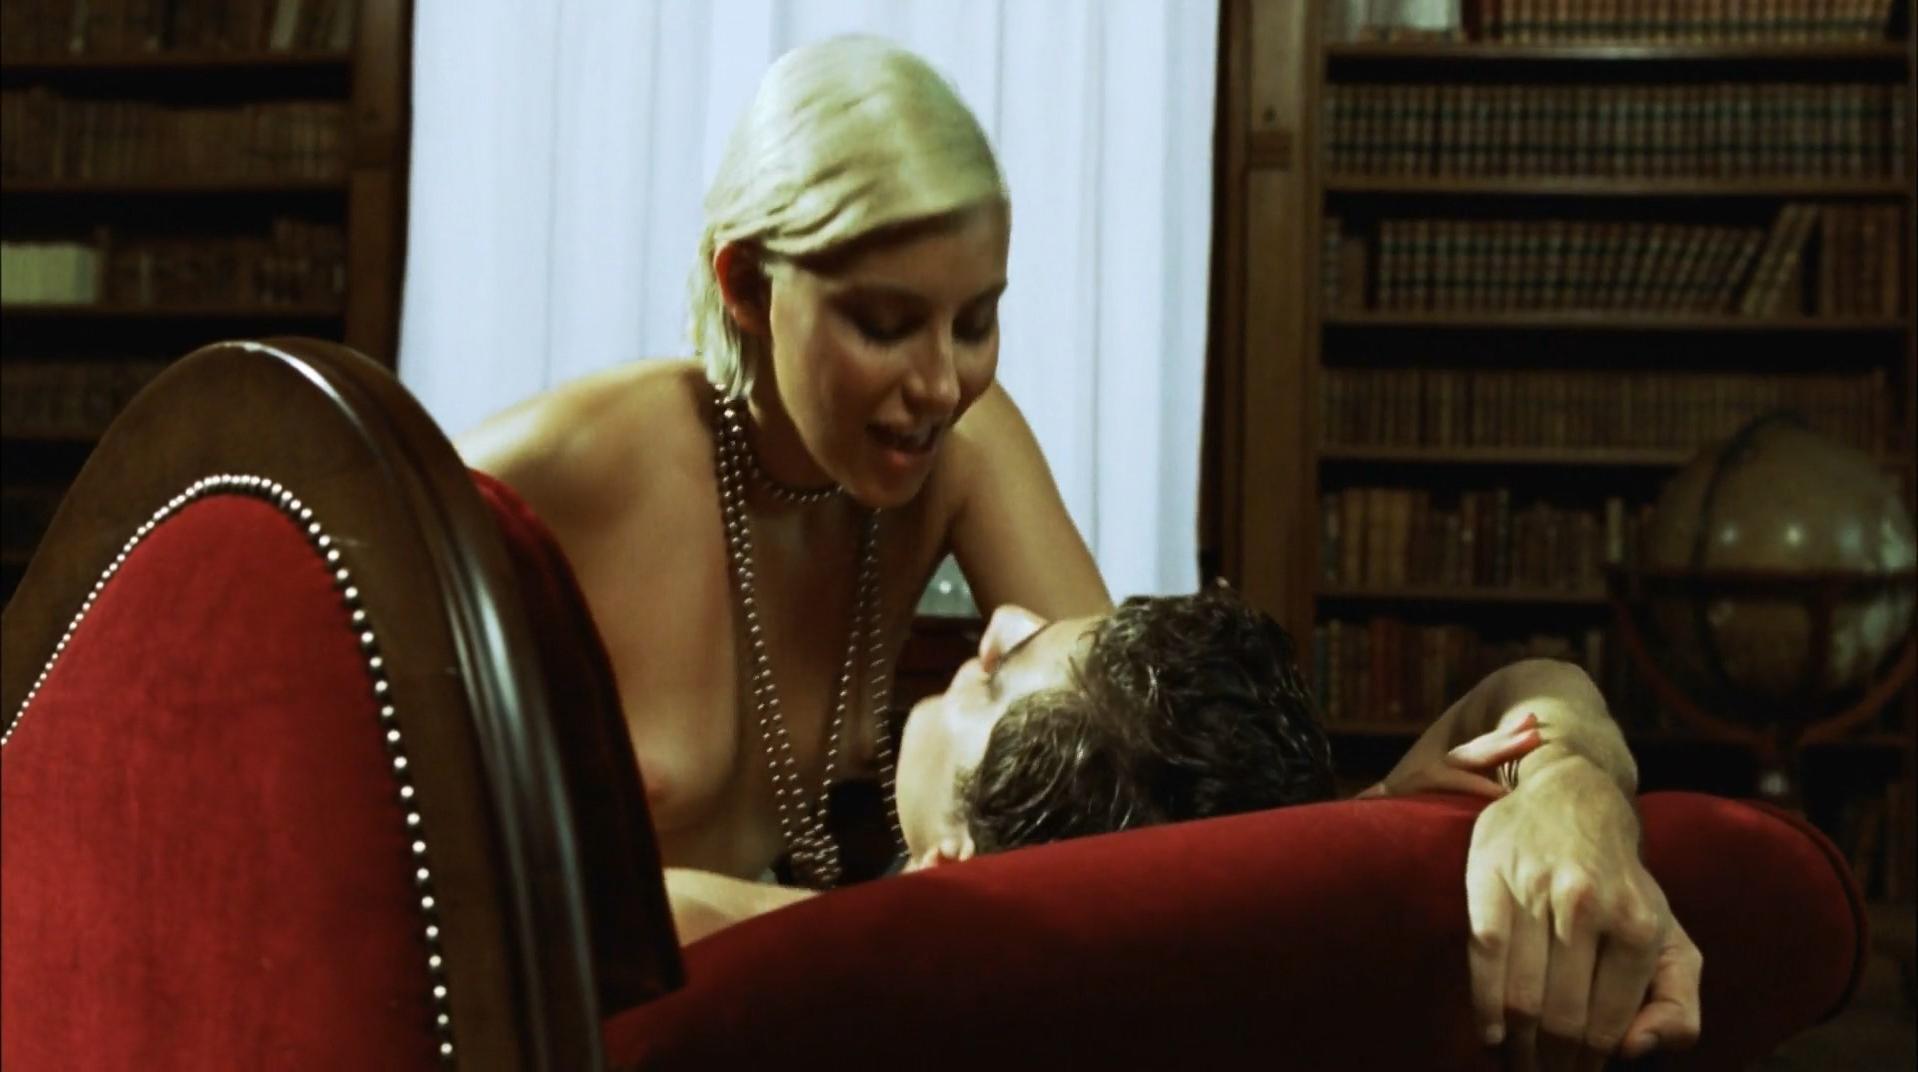 Avlon Barrie nude, Lyudmila Shiryaeva nude - Safo (2008)